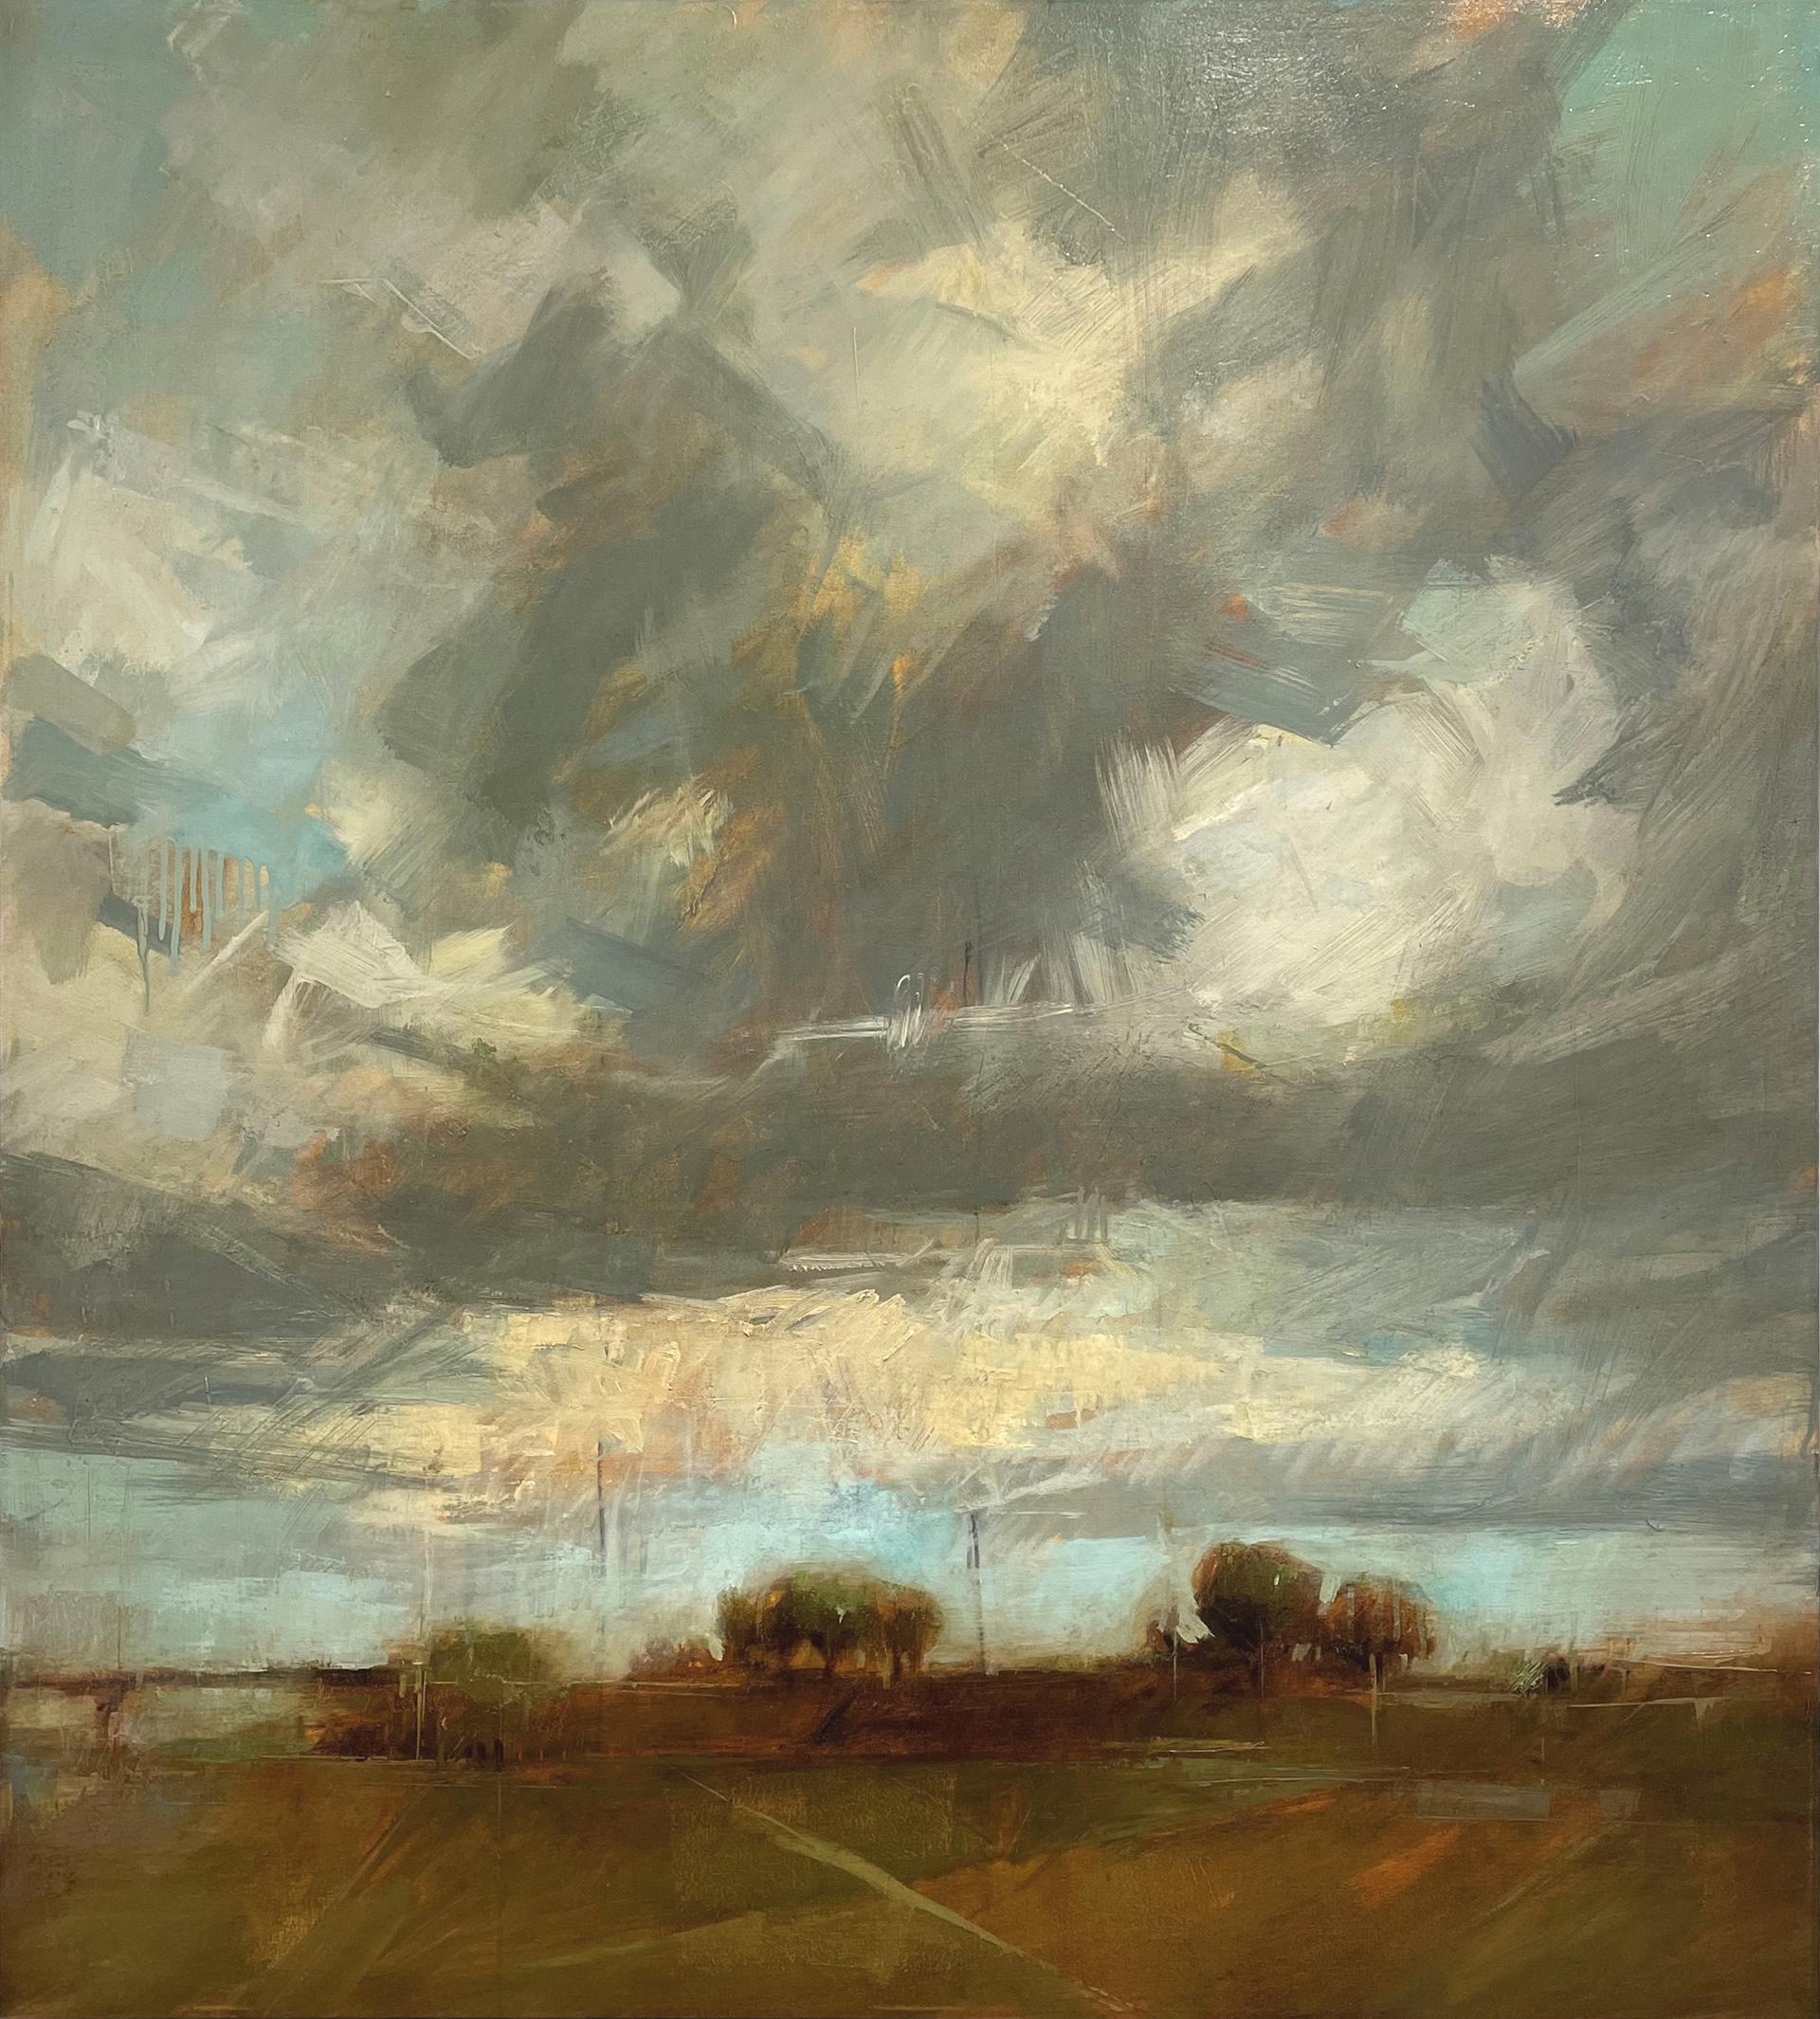 David-Edwards-Breathe-2-40x36-4100-Online-Art-Galleries